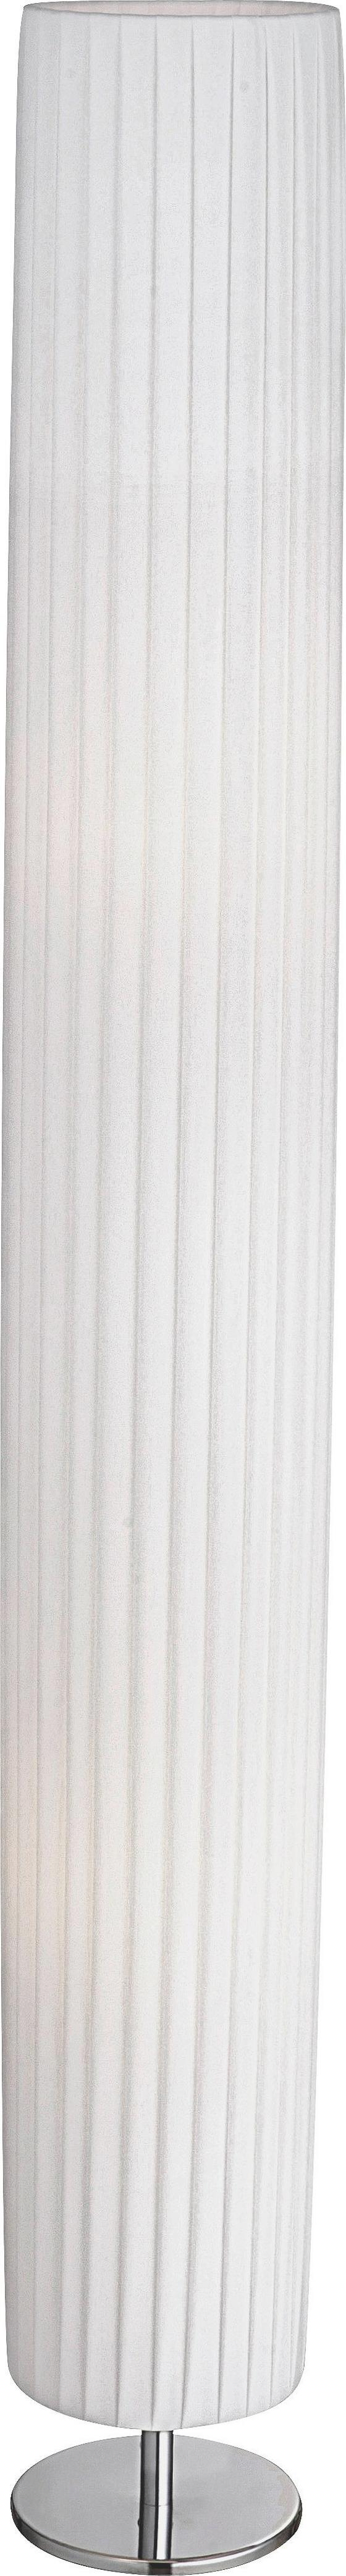 Stehleuchte Ella - Weiß, KONVENTIONELL, Textil/Metall (15/119cm)